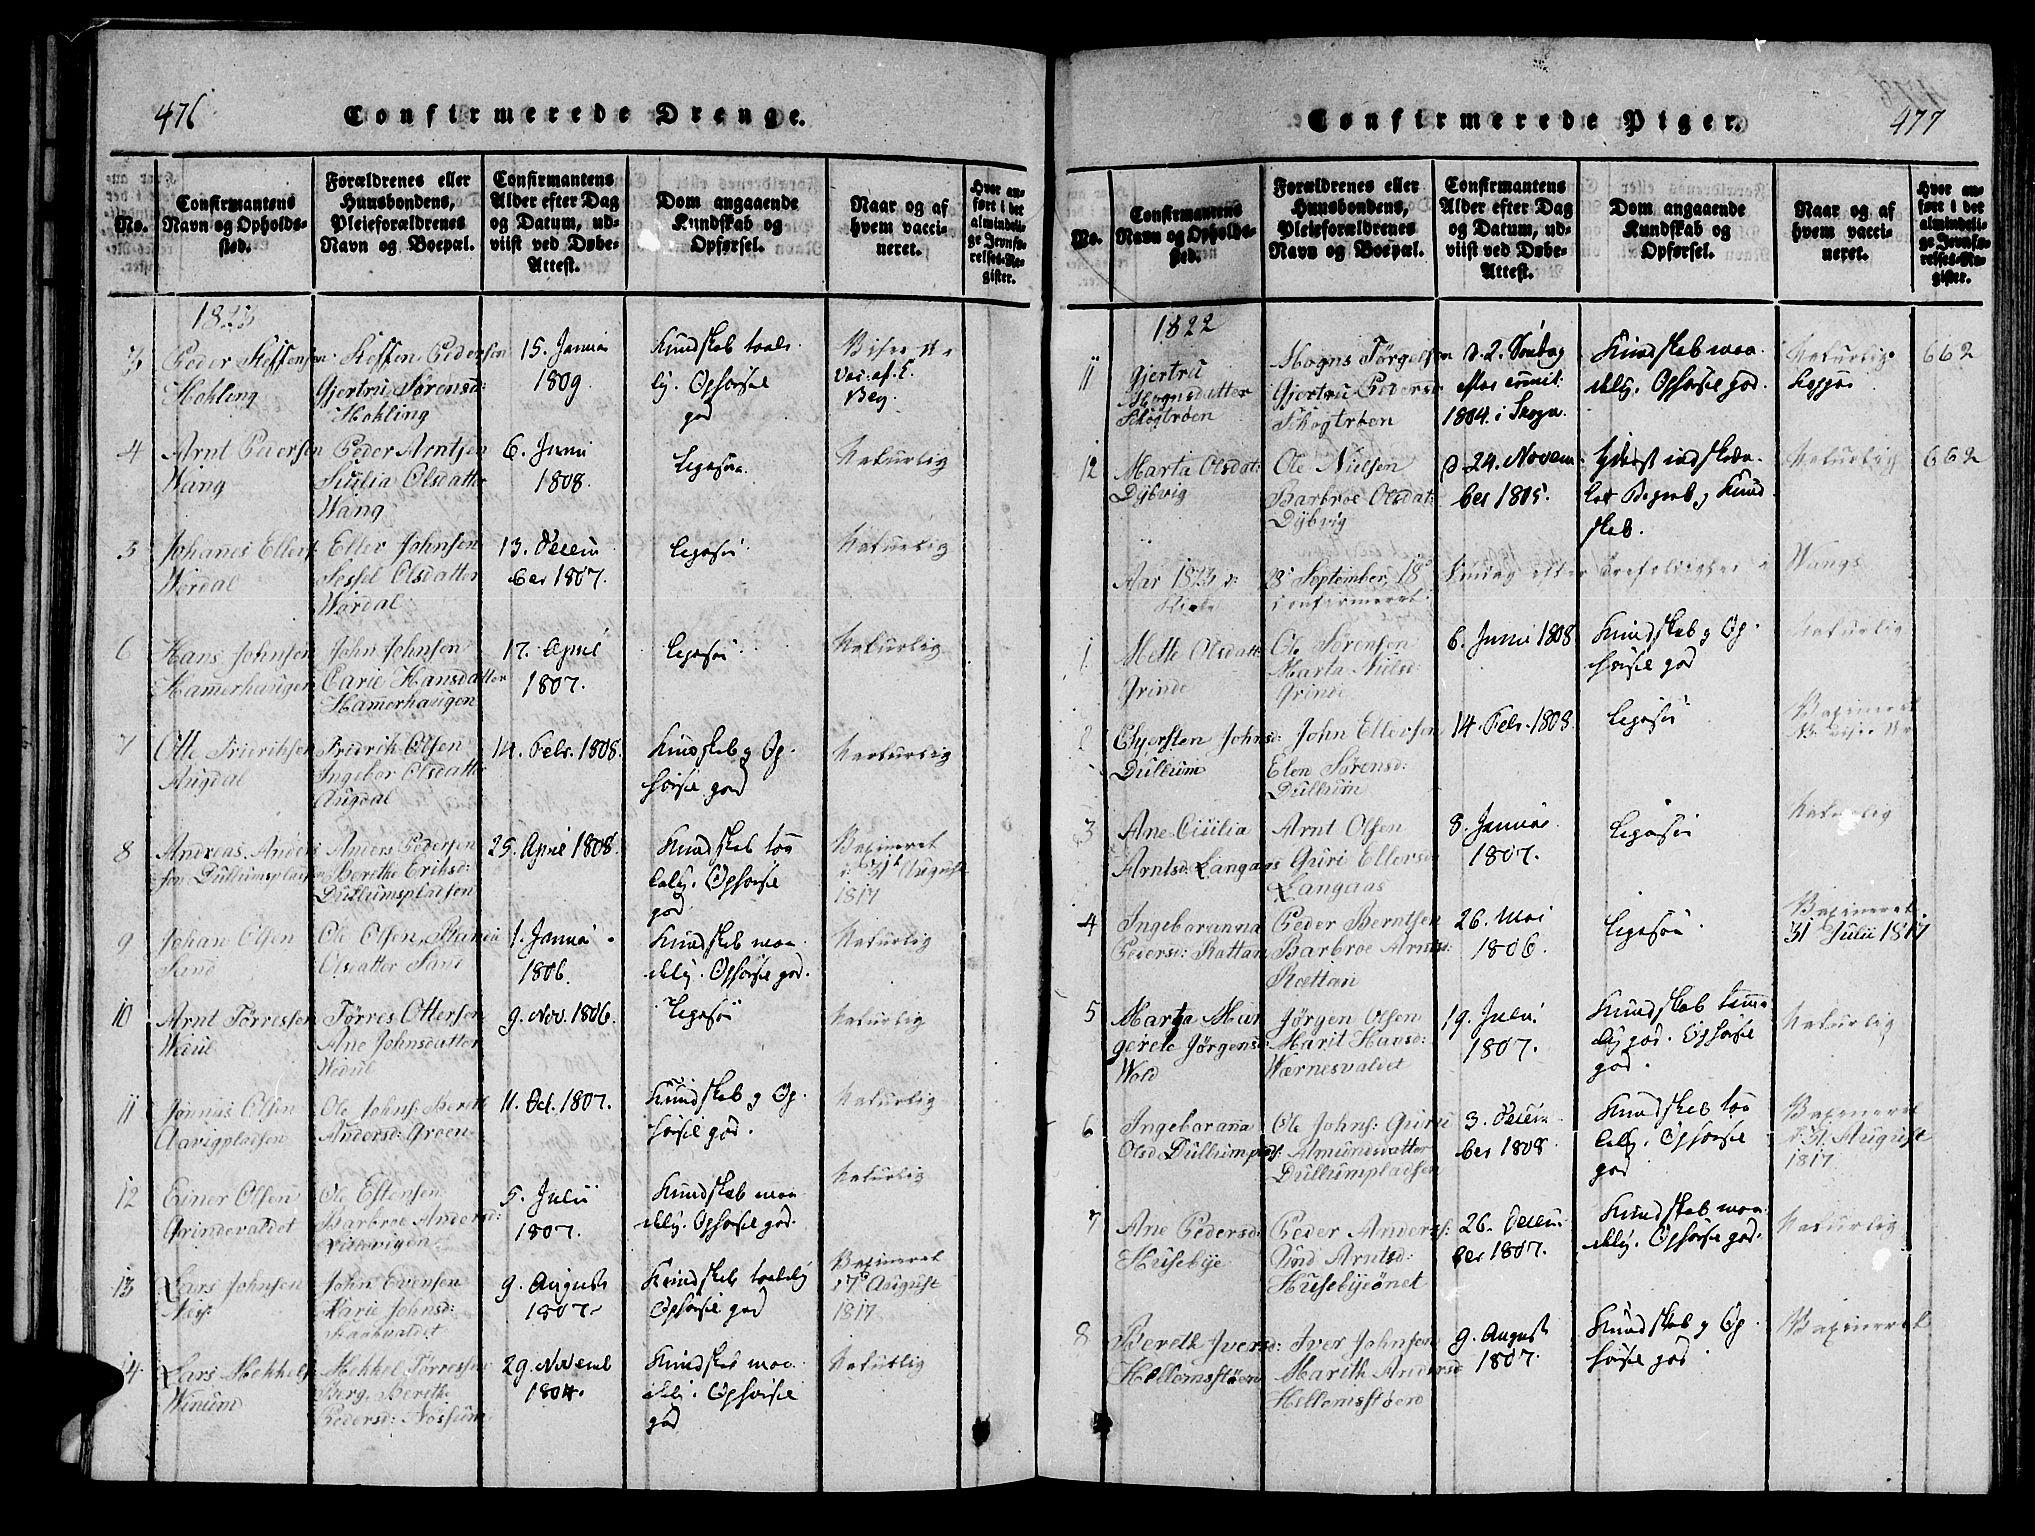 SAT, Ministerialprotokoller, klokkerbøker og fødselsregistre - Nord-Trøndelag, 714/L0132: Klokkerbok nr. 714C01, 1817-1824, s. 476-477